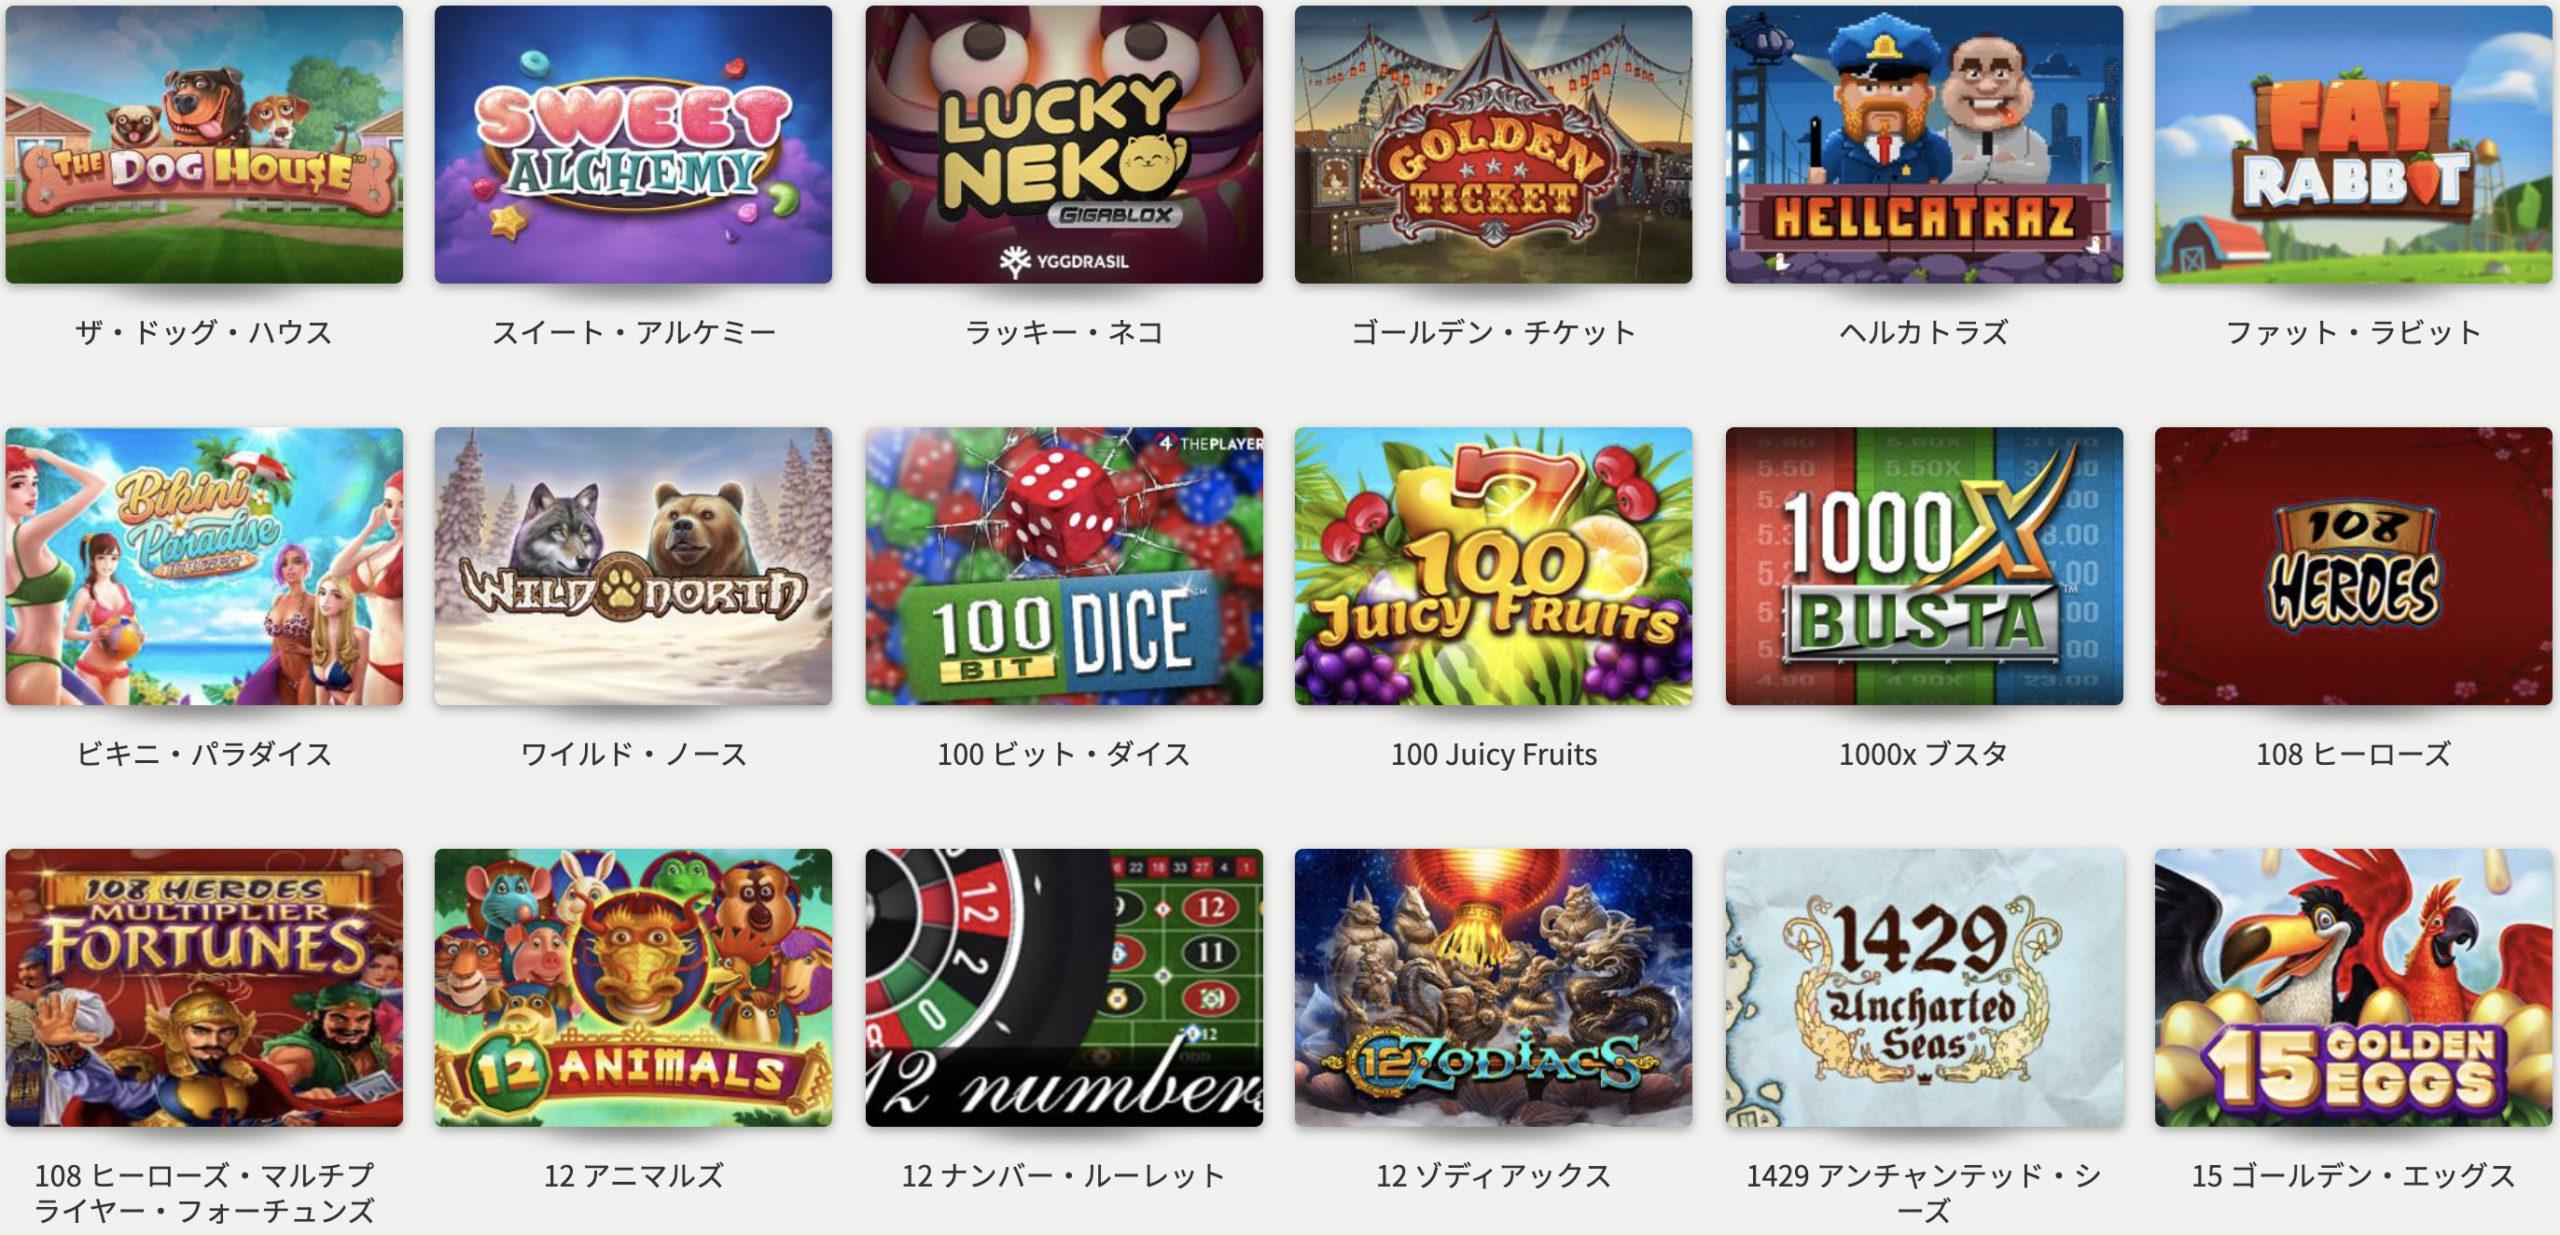 新しいオンラインカジノなのにゲーム数が豊富!